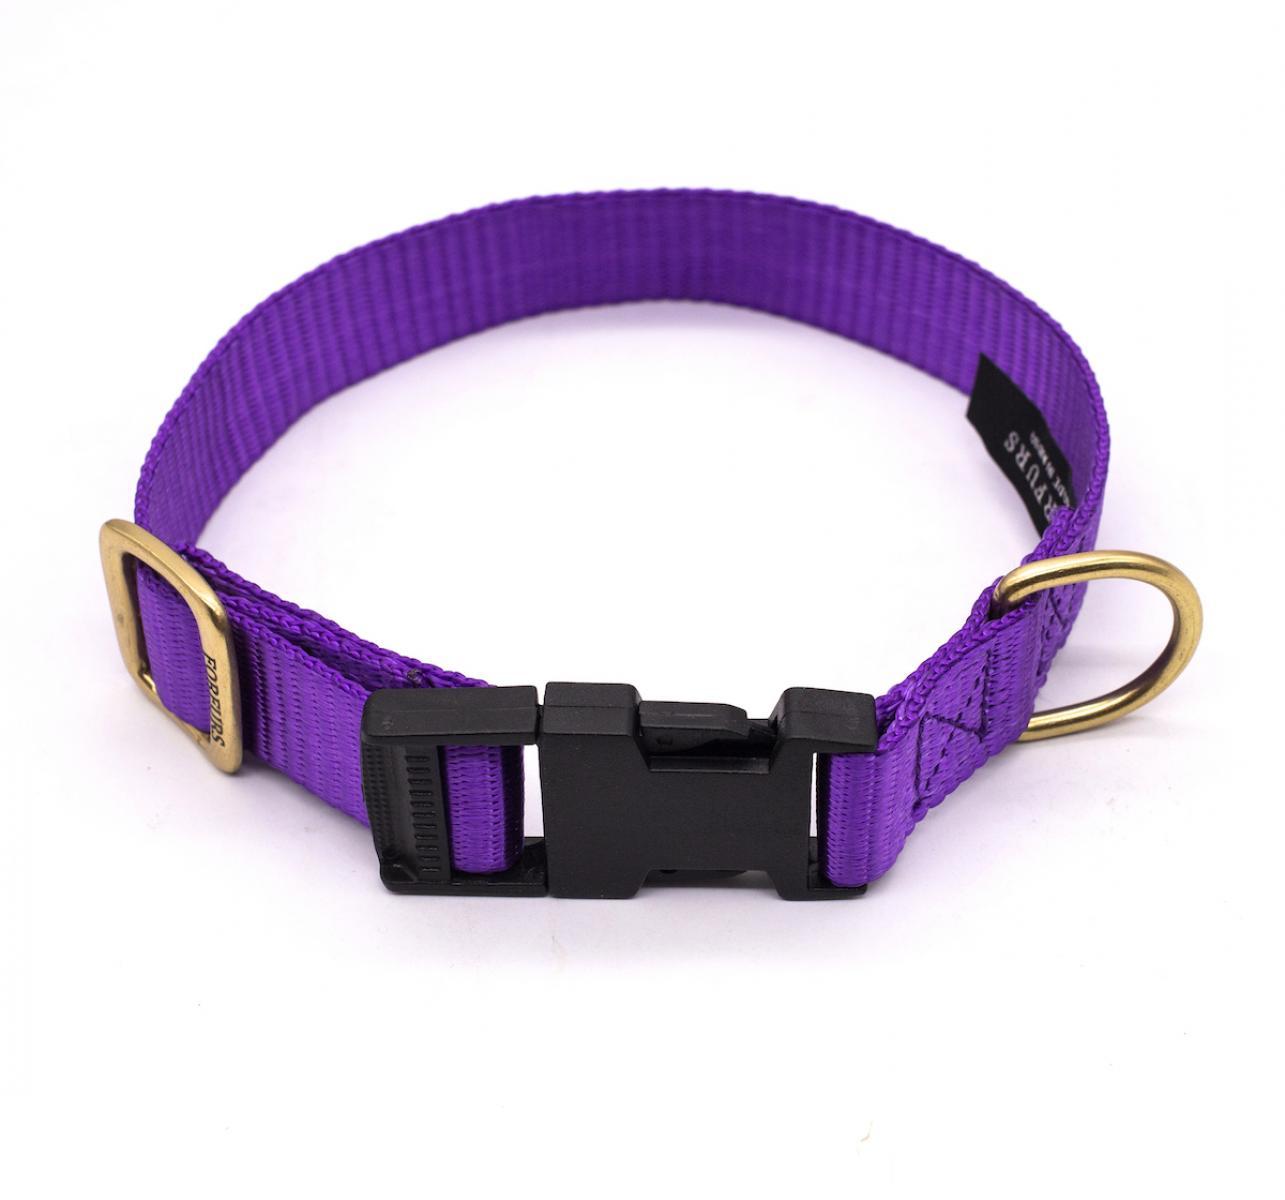 Forfurs Adjustable Classic Dog Collar Ultra Violet - large